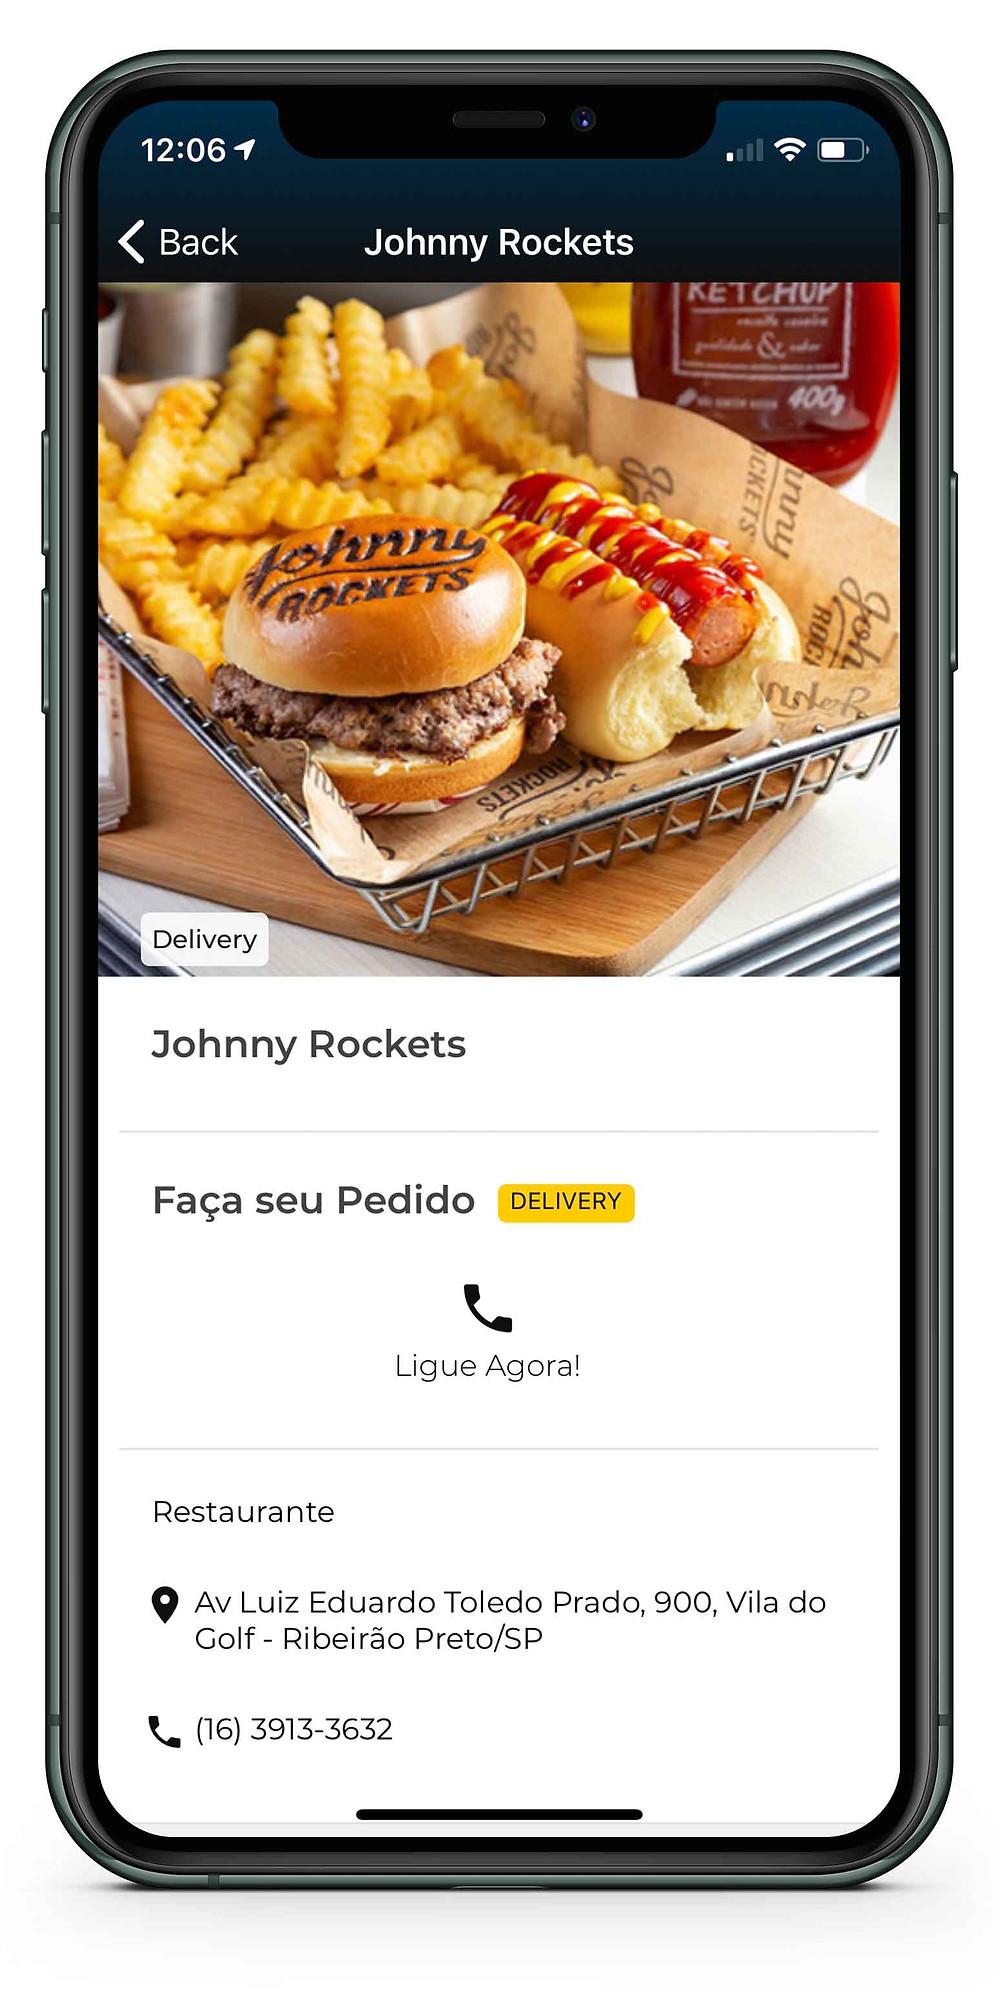 Tela-interna-dos-Estabelecimentos-no-App-3cash